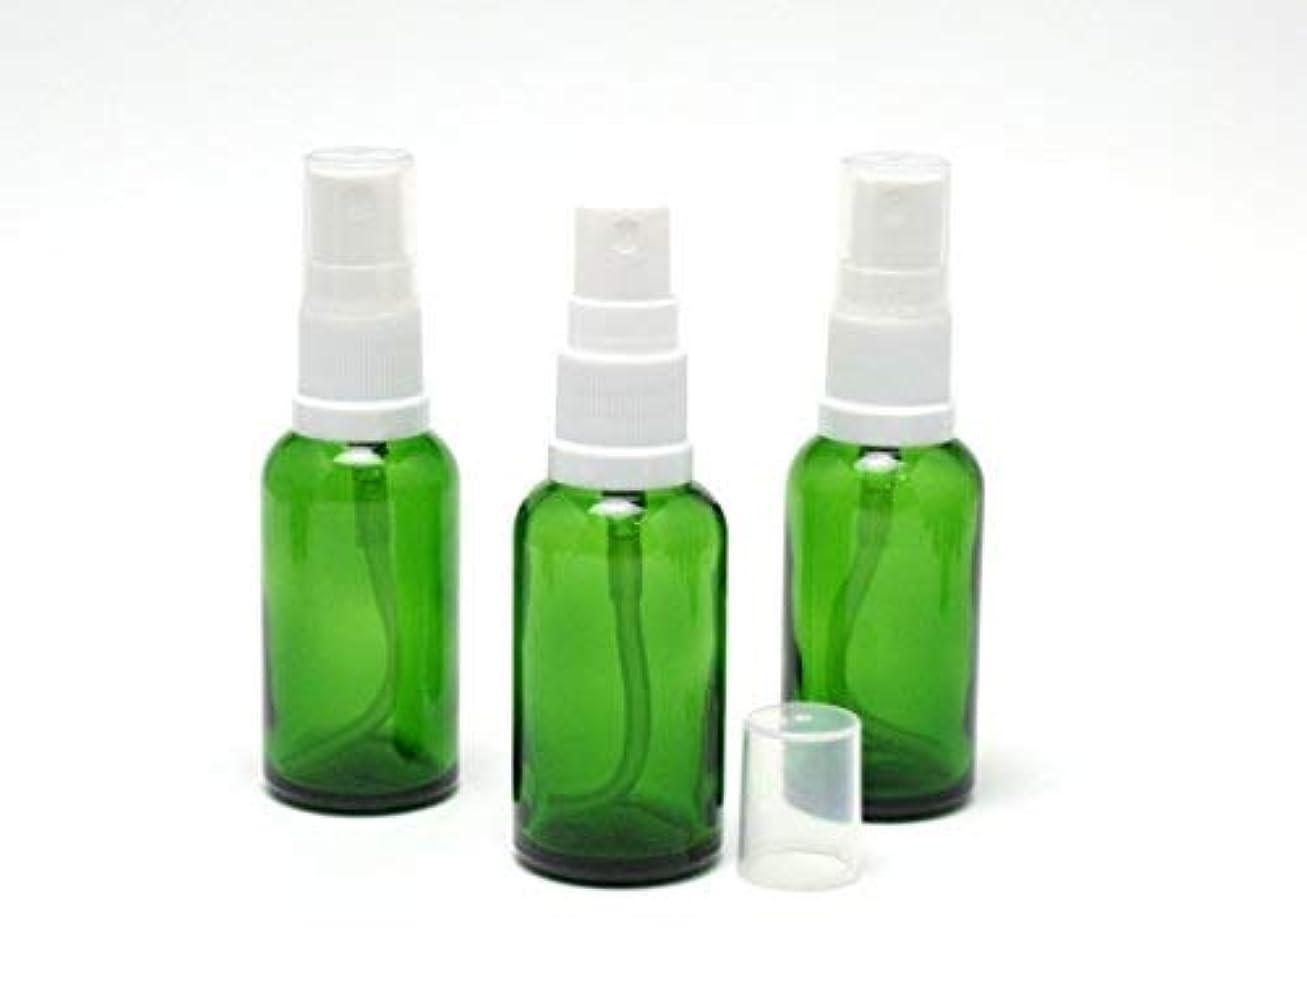 通り楕円形しわ遮光瓶 スプレーボトル (グラス/アトマイザー) 30ml グリーン/ホワイトヘッド 3本セット 【 新品アウトレットセール 】